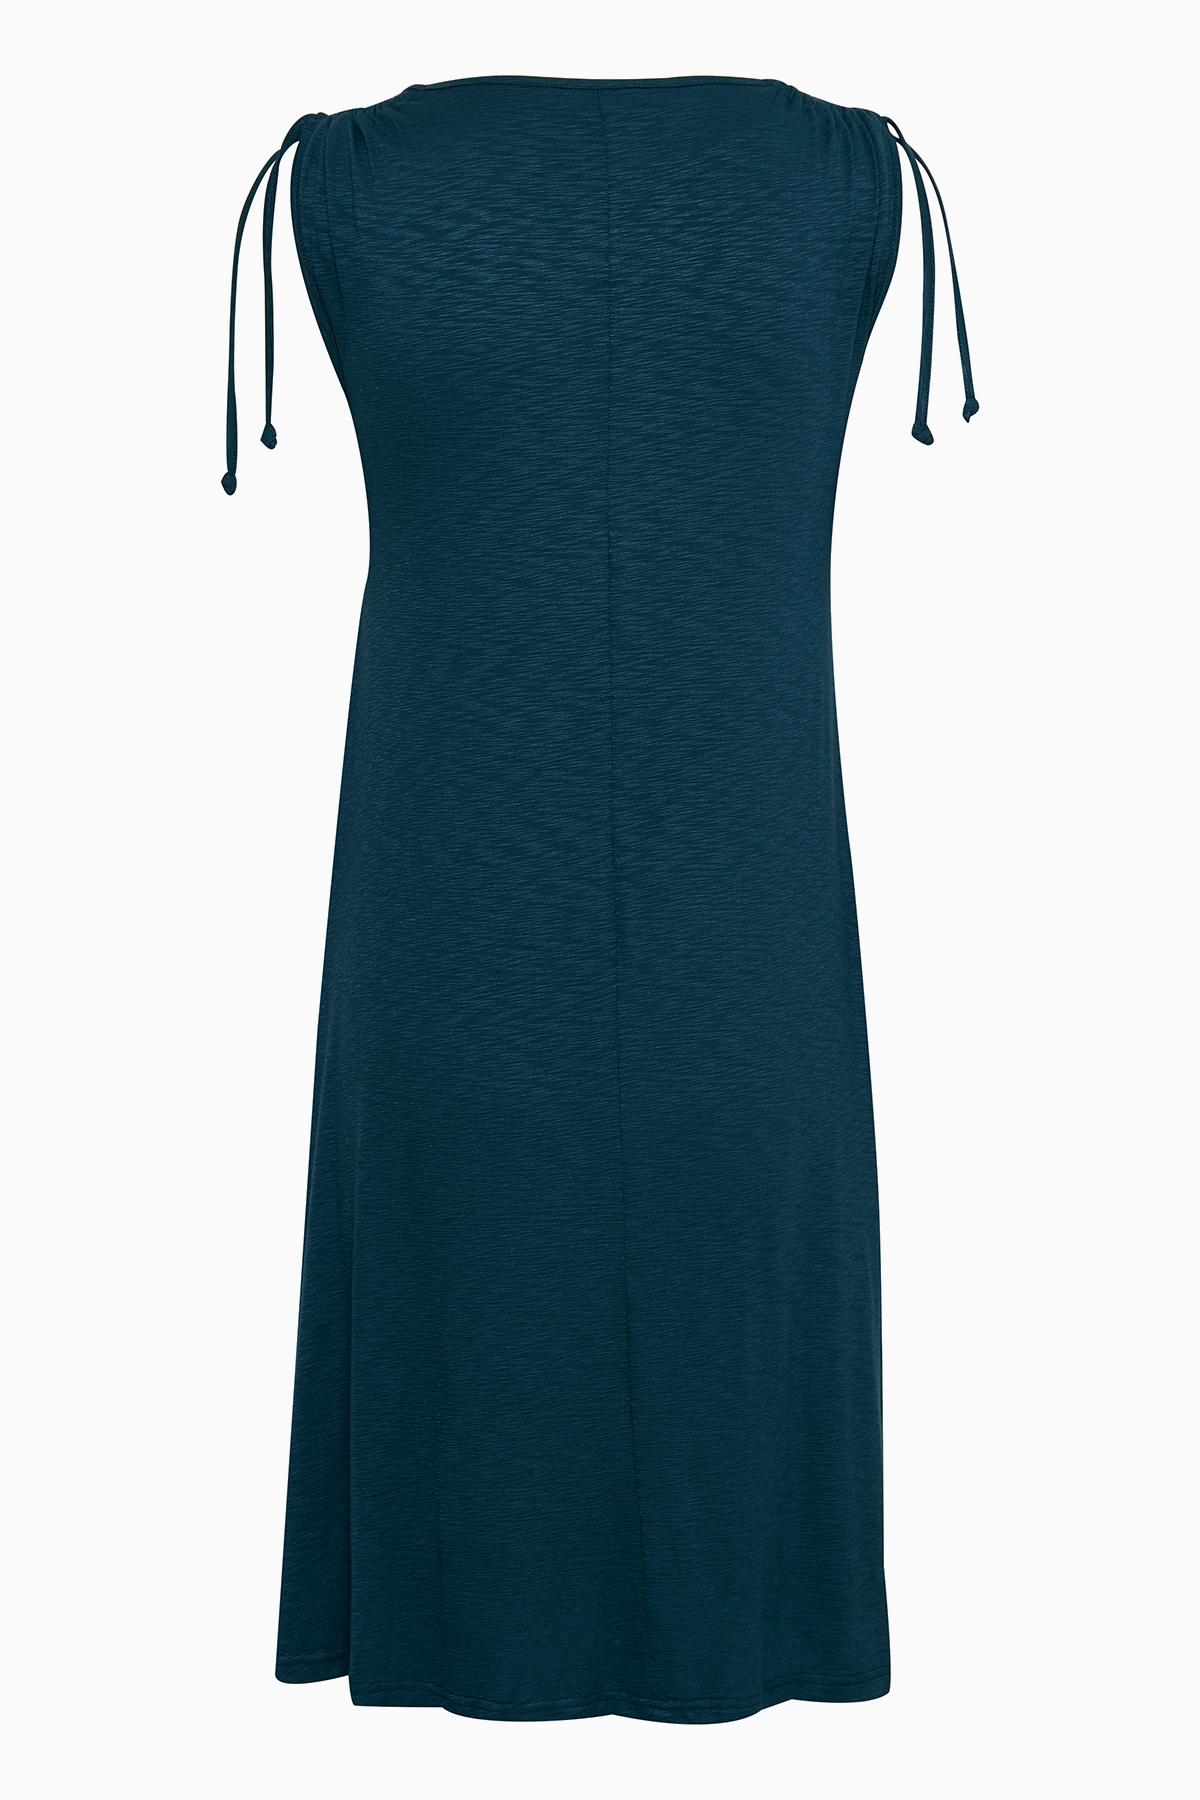 Blå Klänning från Bon'A Parte – Köp Blå Klänning från stl. S-2XL här